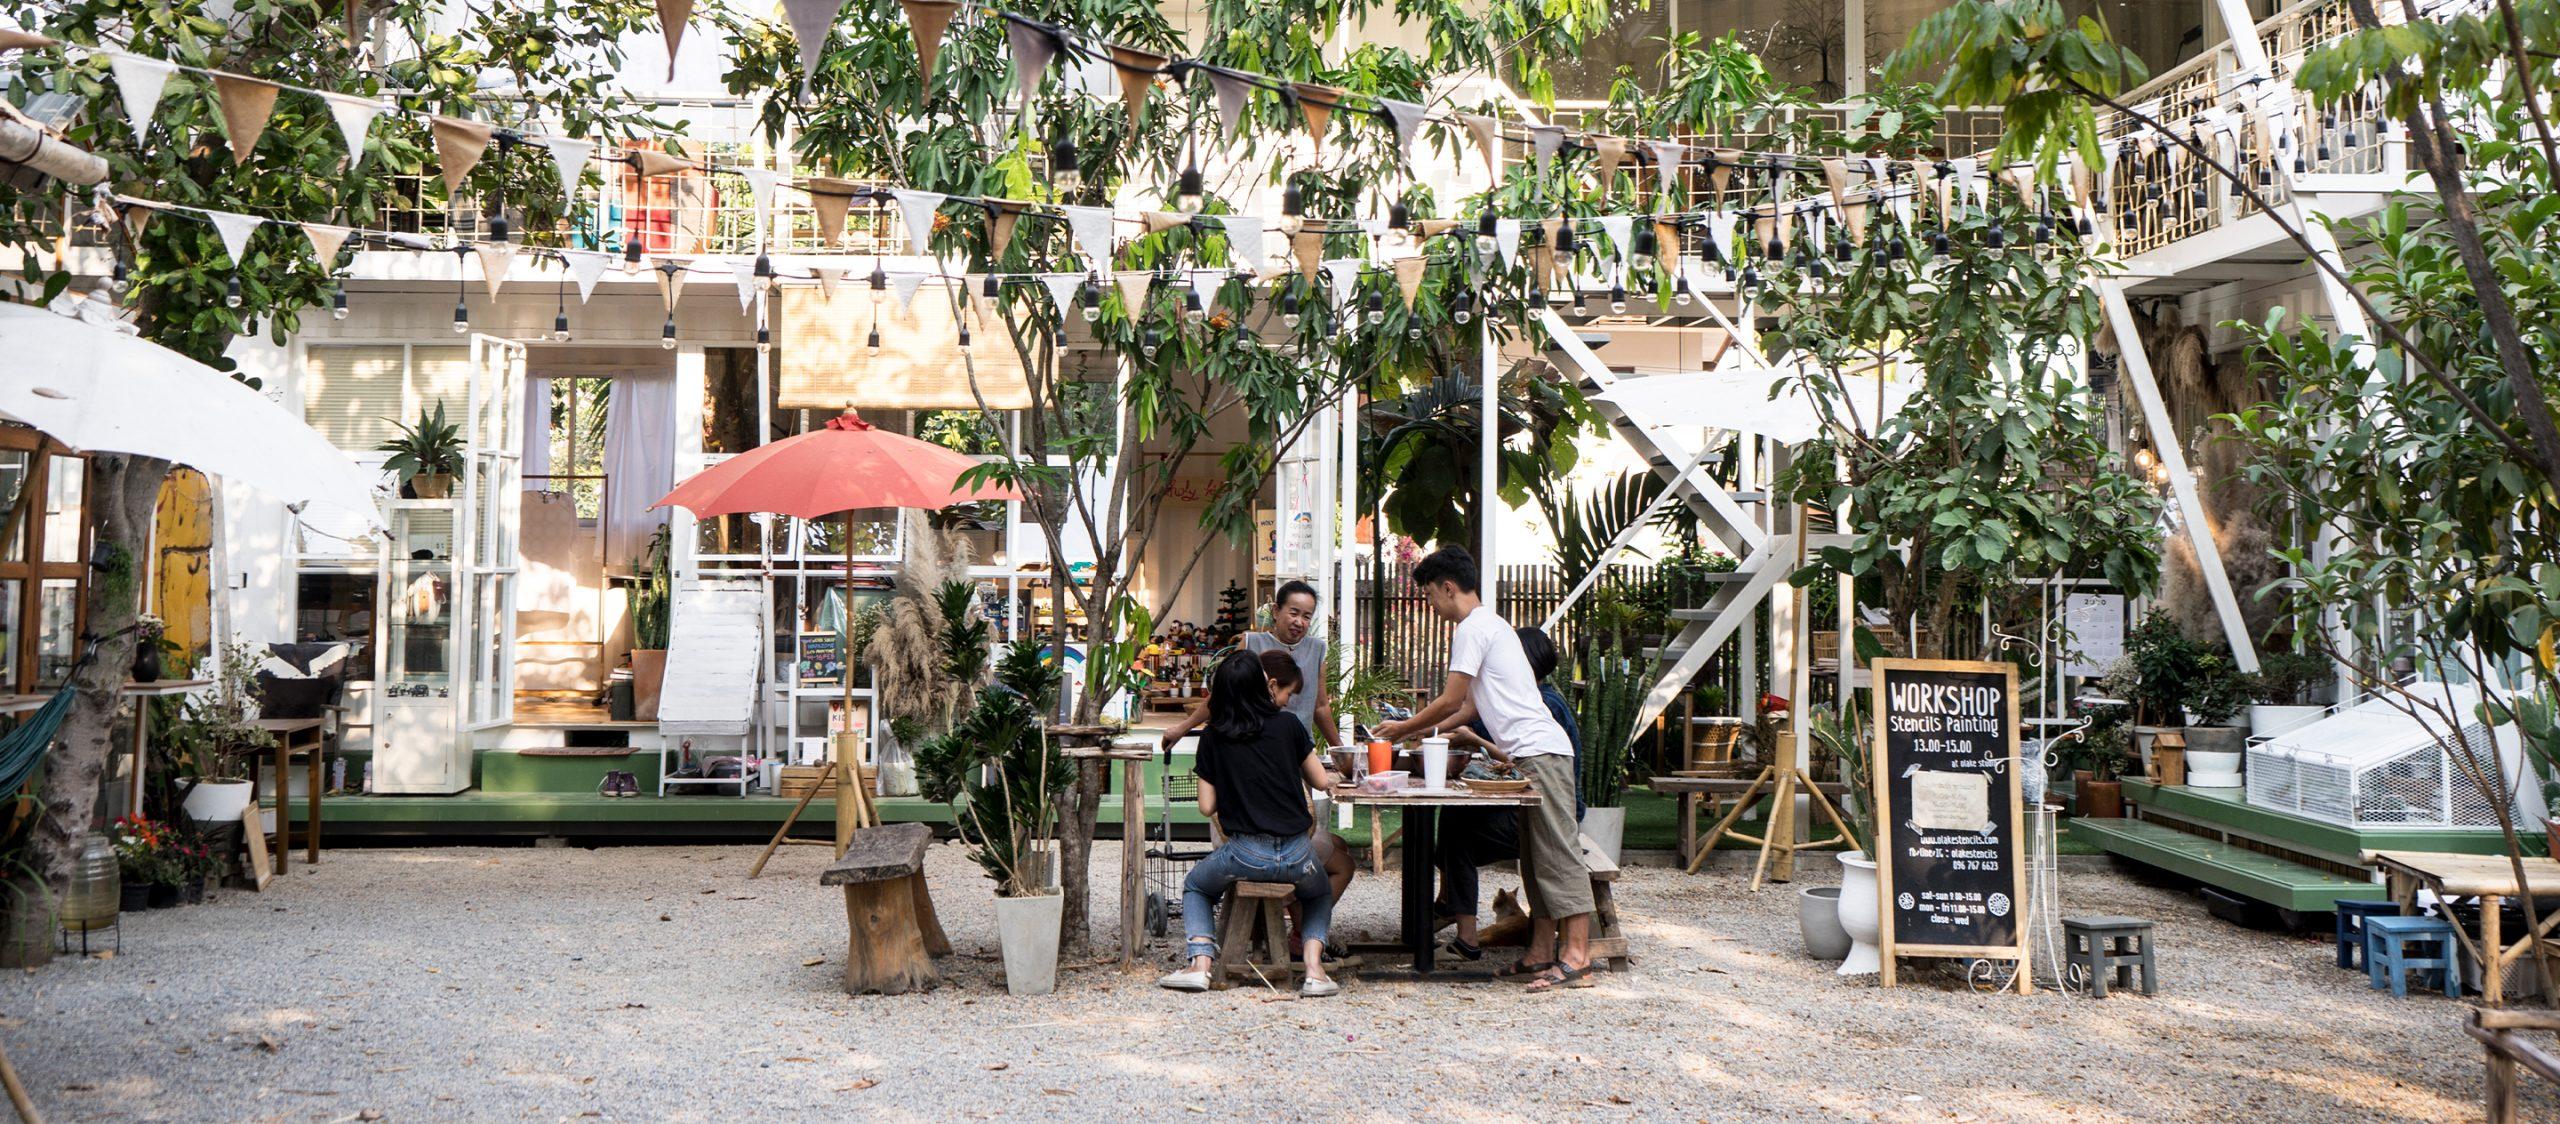 ต่อนยอนแอ่ว 'โหล่งฮิมคาว' ชุมชนฮักงานคราฟต์ที่อยู่กั๋นแบบครอบครัวใหญ่ ม่วนอกม่วนใจ๋